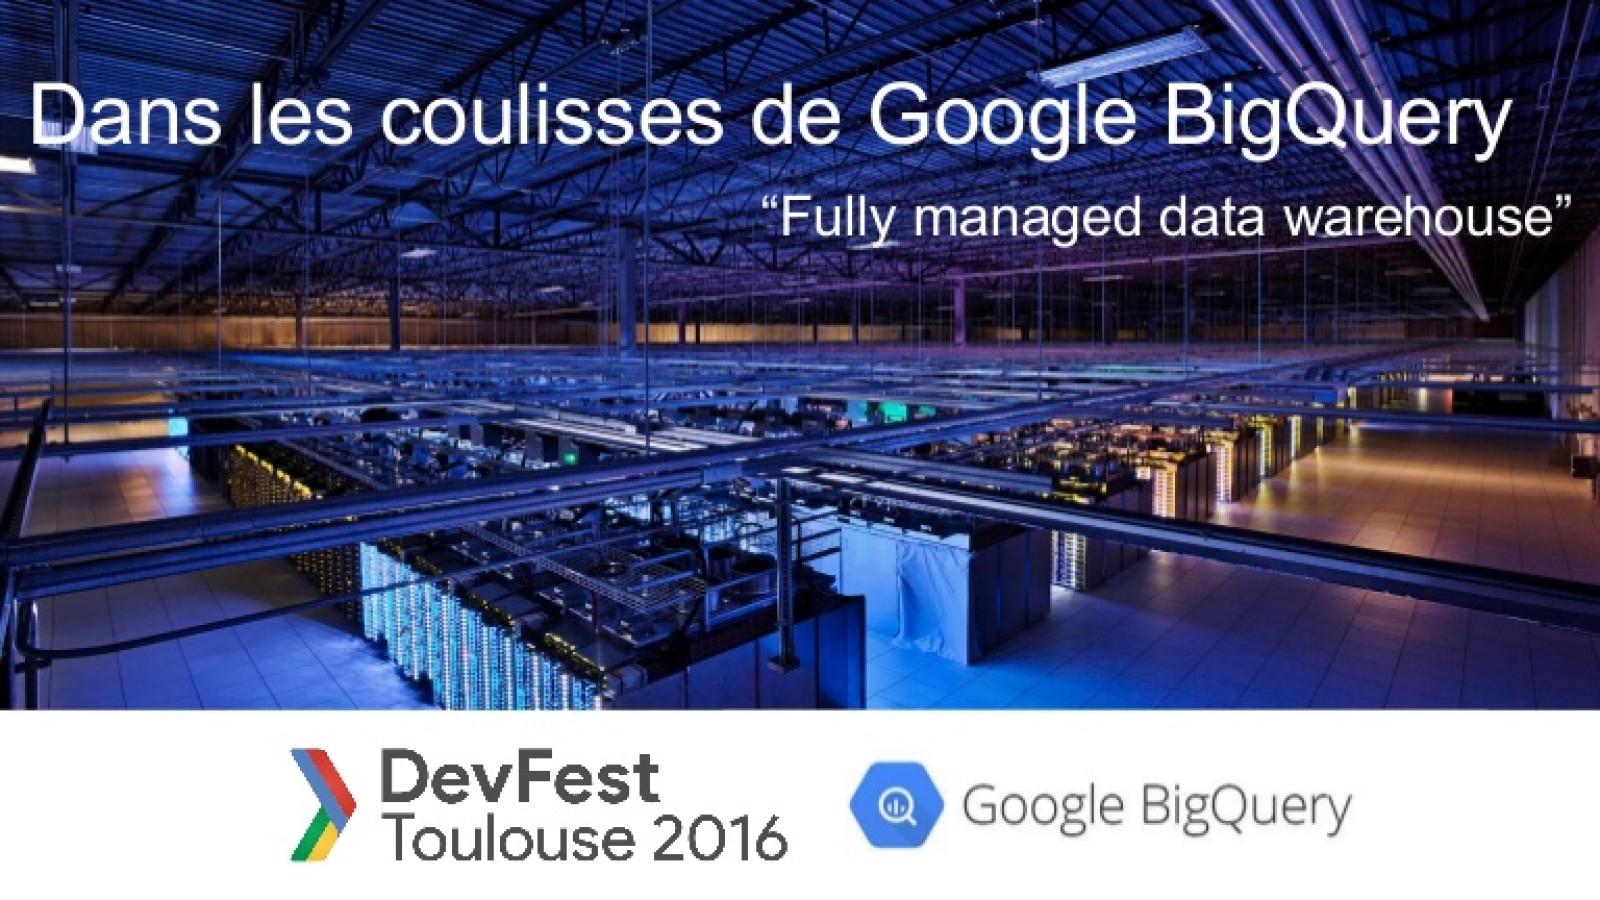 Dans les coulisses de Google BigQuery